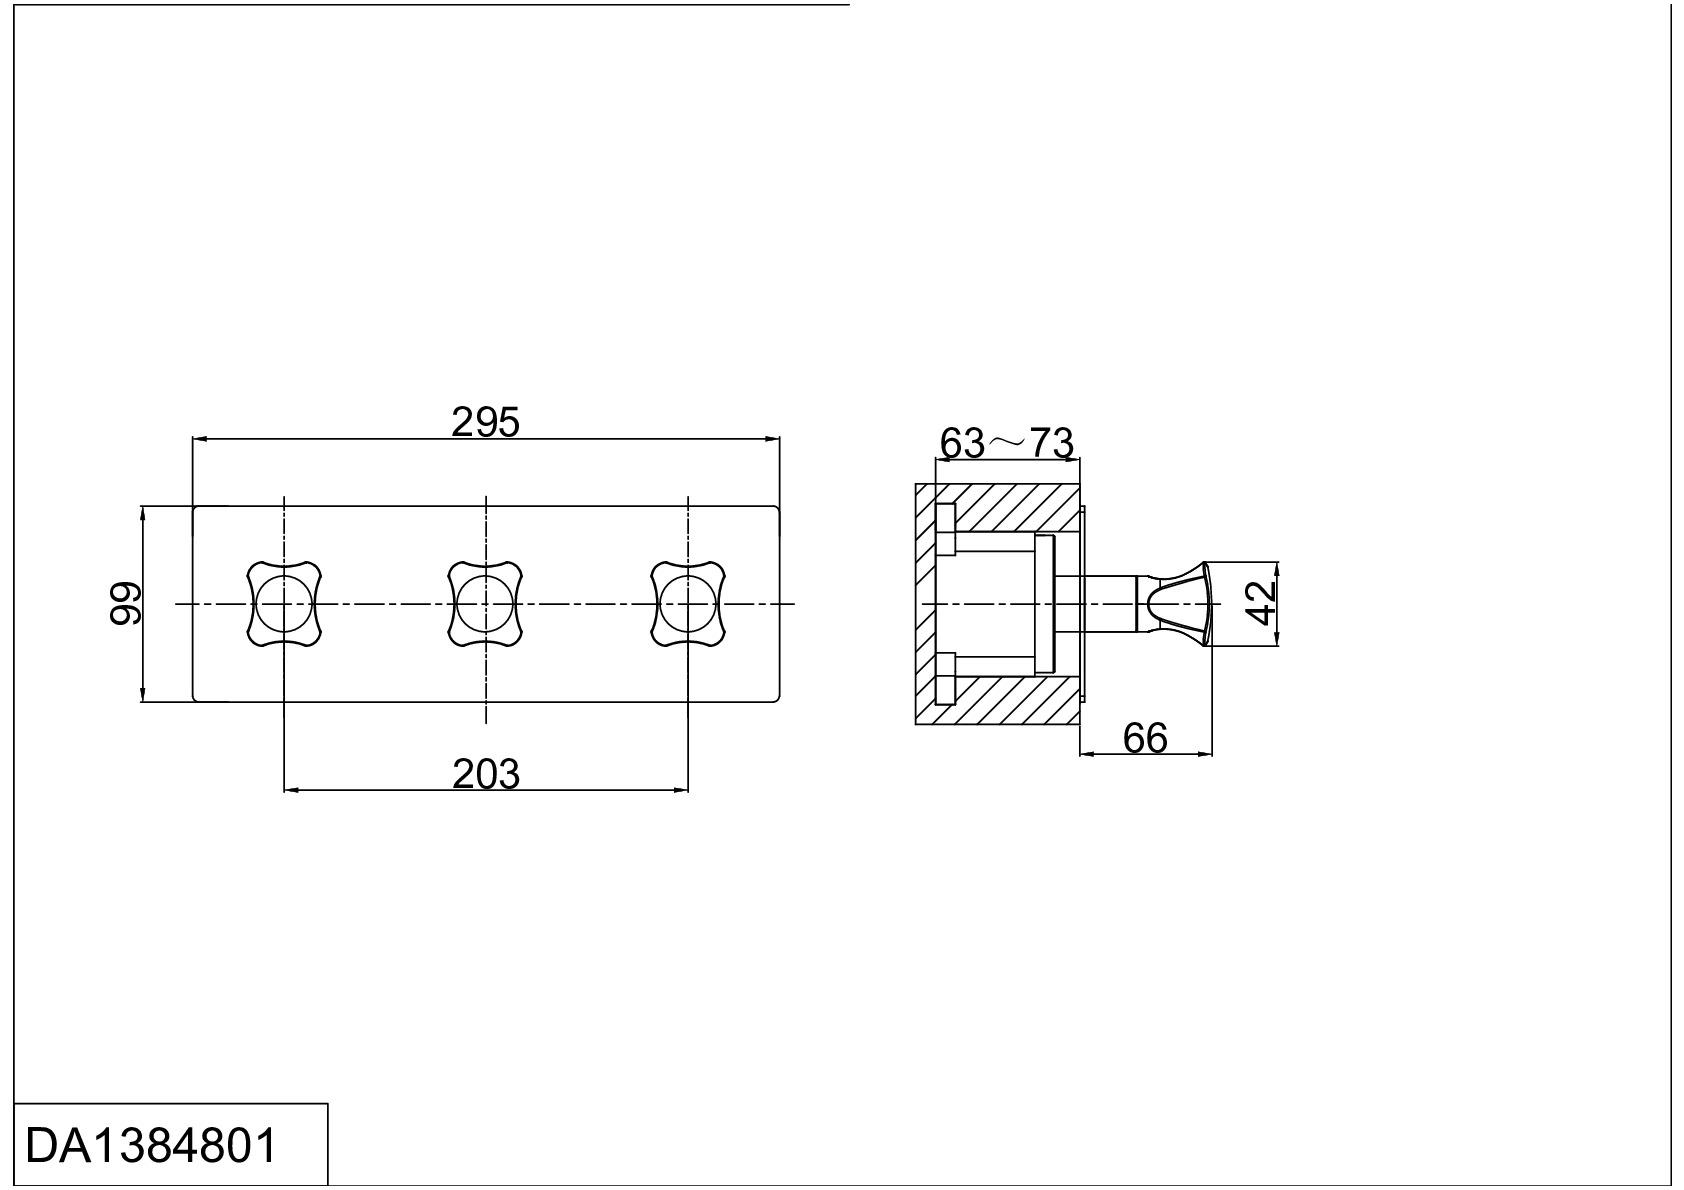 Смеситель для ванны и душа D&K Hessen.Grimm DA1384801 встраиваемый хром